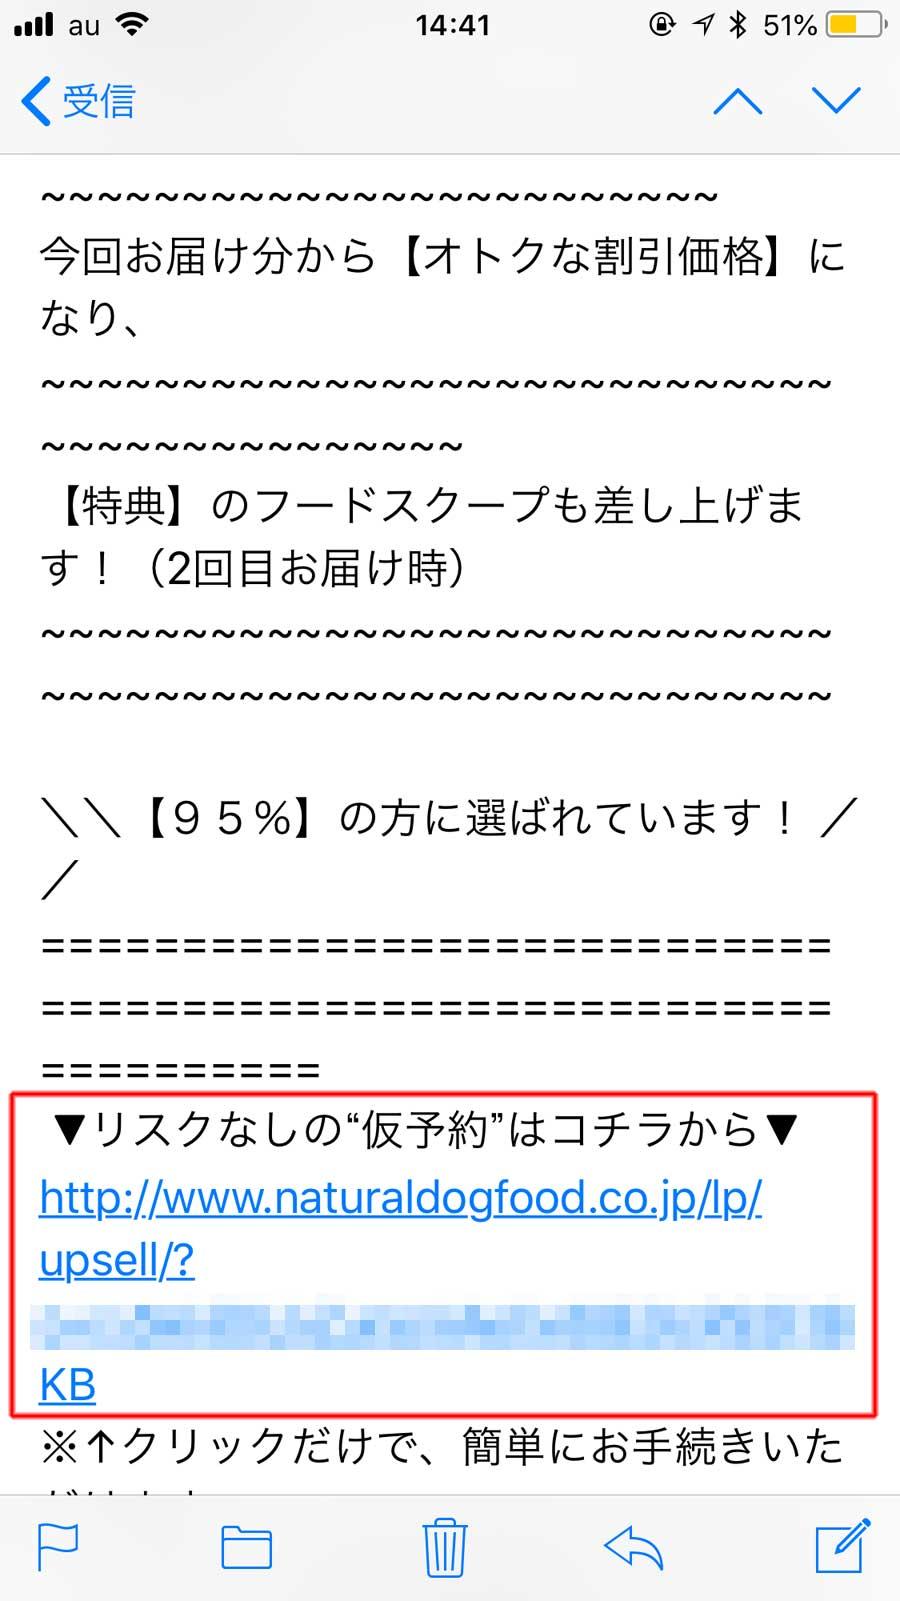 アランズナチュラルドッグフード注文2-1